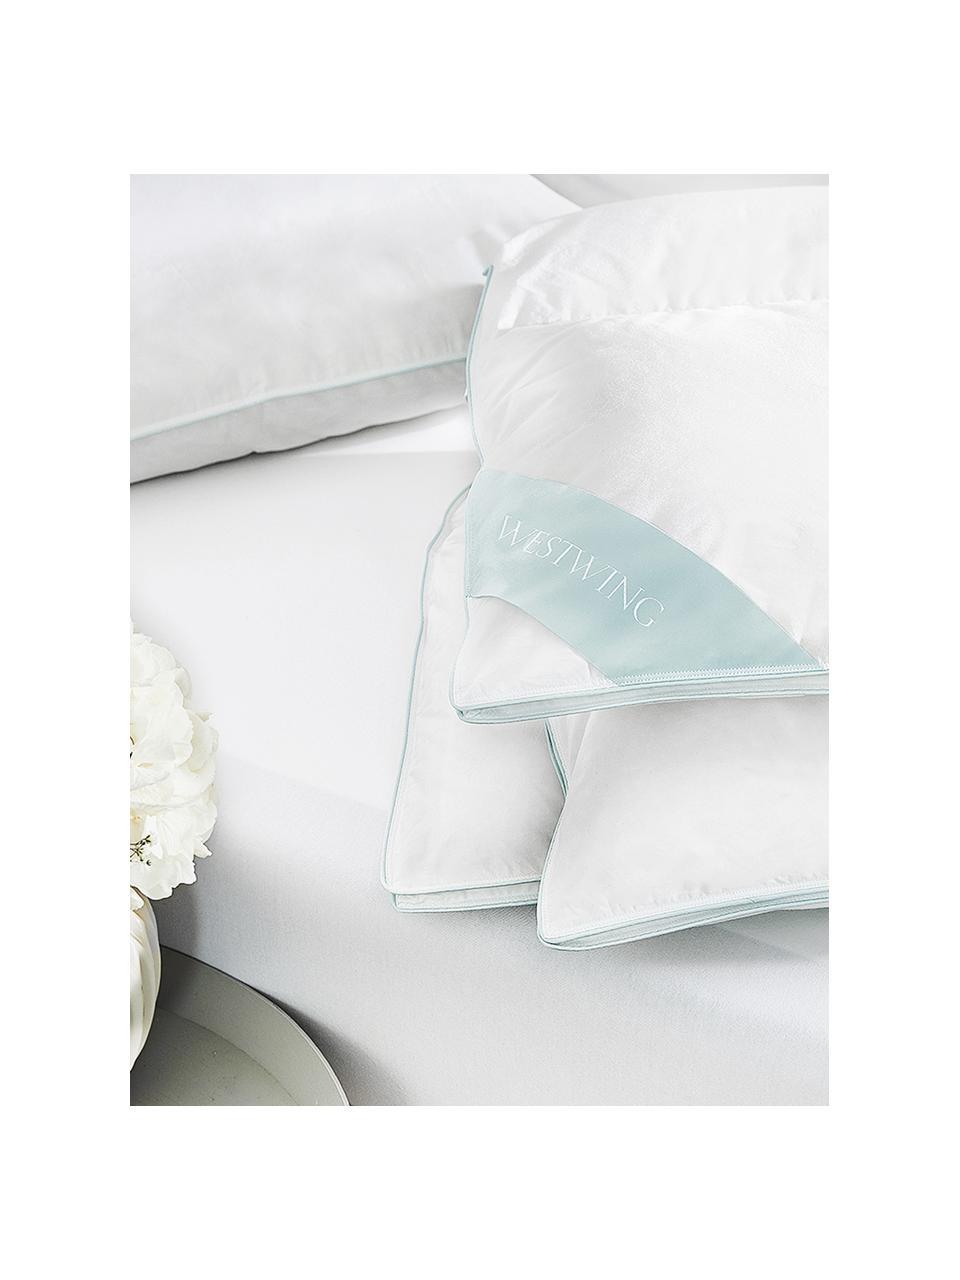 Daunen-Bettdecke Comfort, Vierjahreszeiten, Hülle: 100% Baumwolle, feine Mak, Weiß, 135 x 200 cm